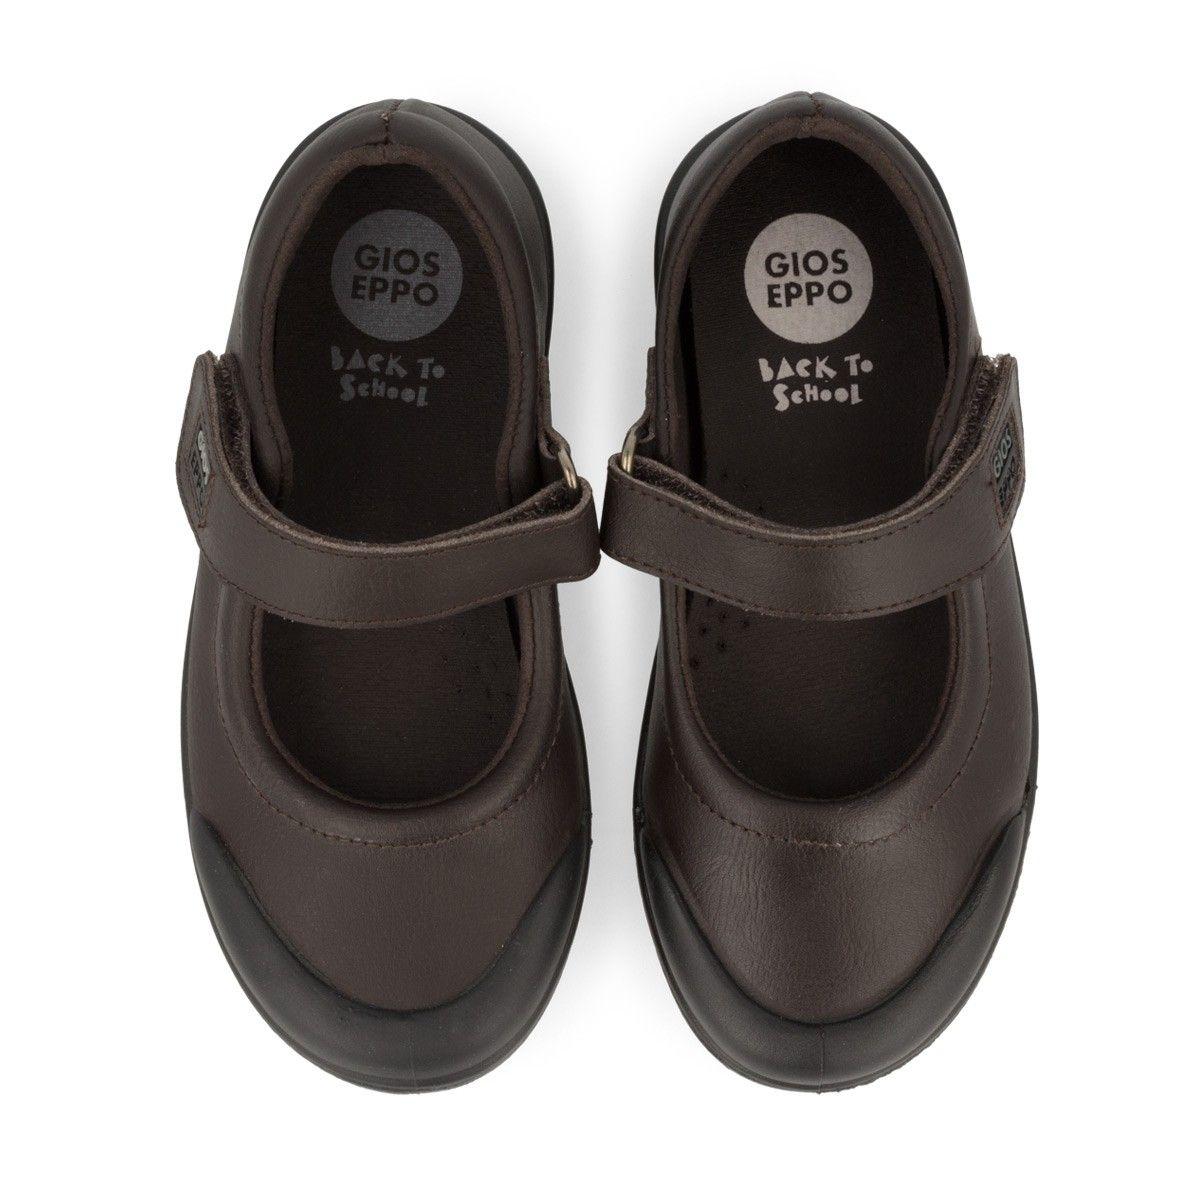 2fa40bc7 Zapatos colegiales de niña tipo bailarina en marrón de Gioseppo Kids. Corte  en piel y forro en tejido absorbente y termorregulador.